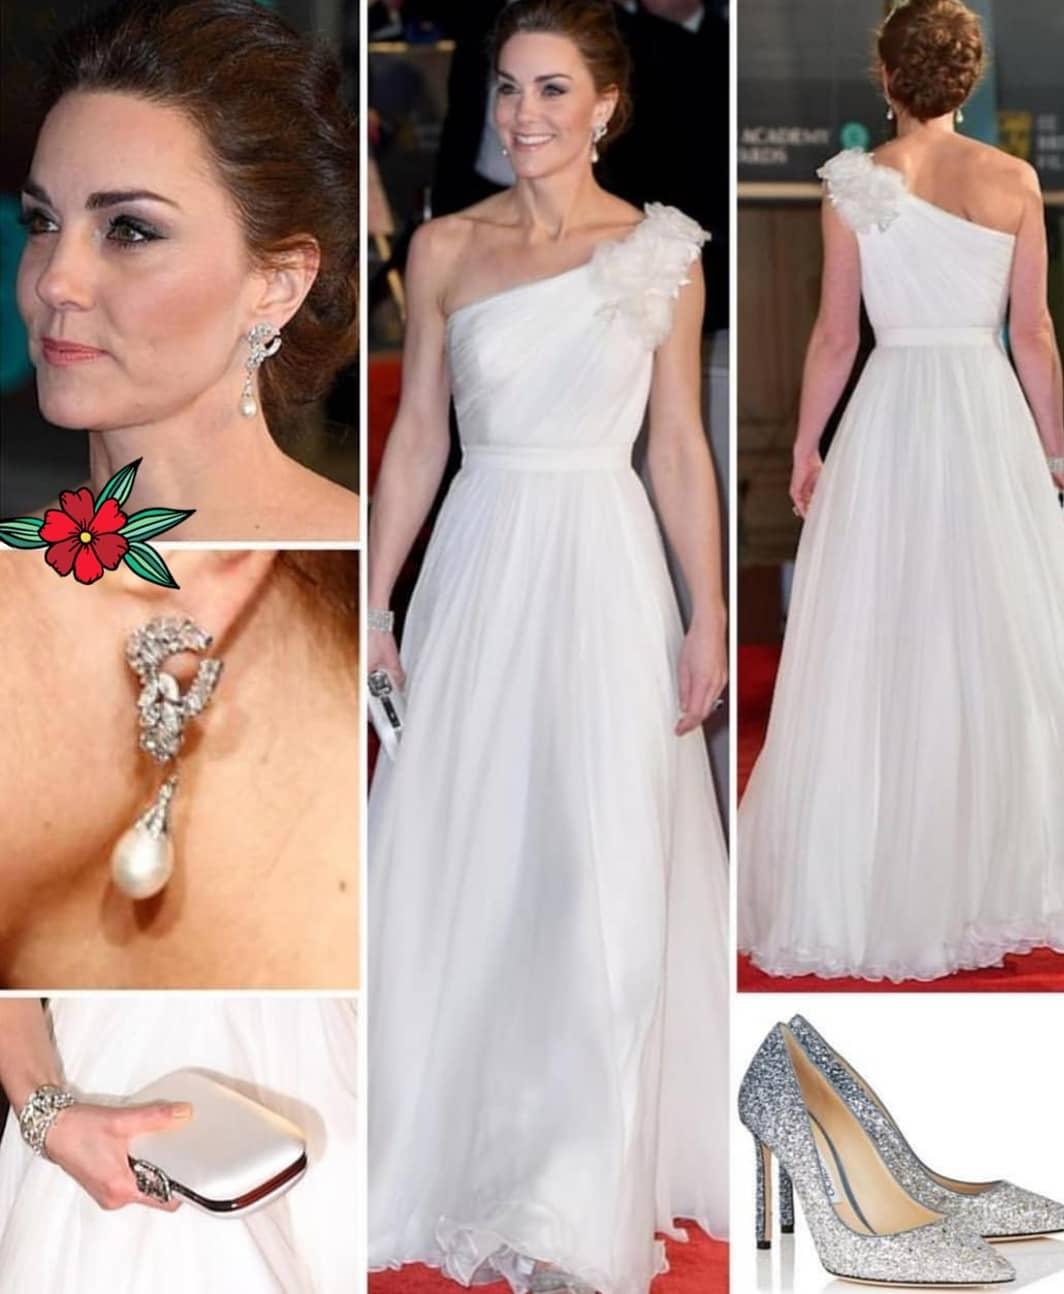 Без рубрики: Кейт Миддлтон восхитила нарядом невесты на церемонии BAFTA: появились фото и видео рис 4